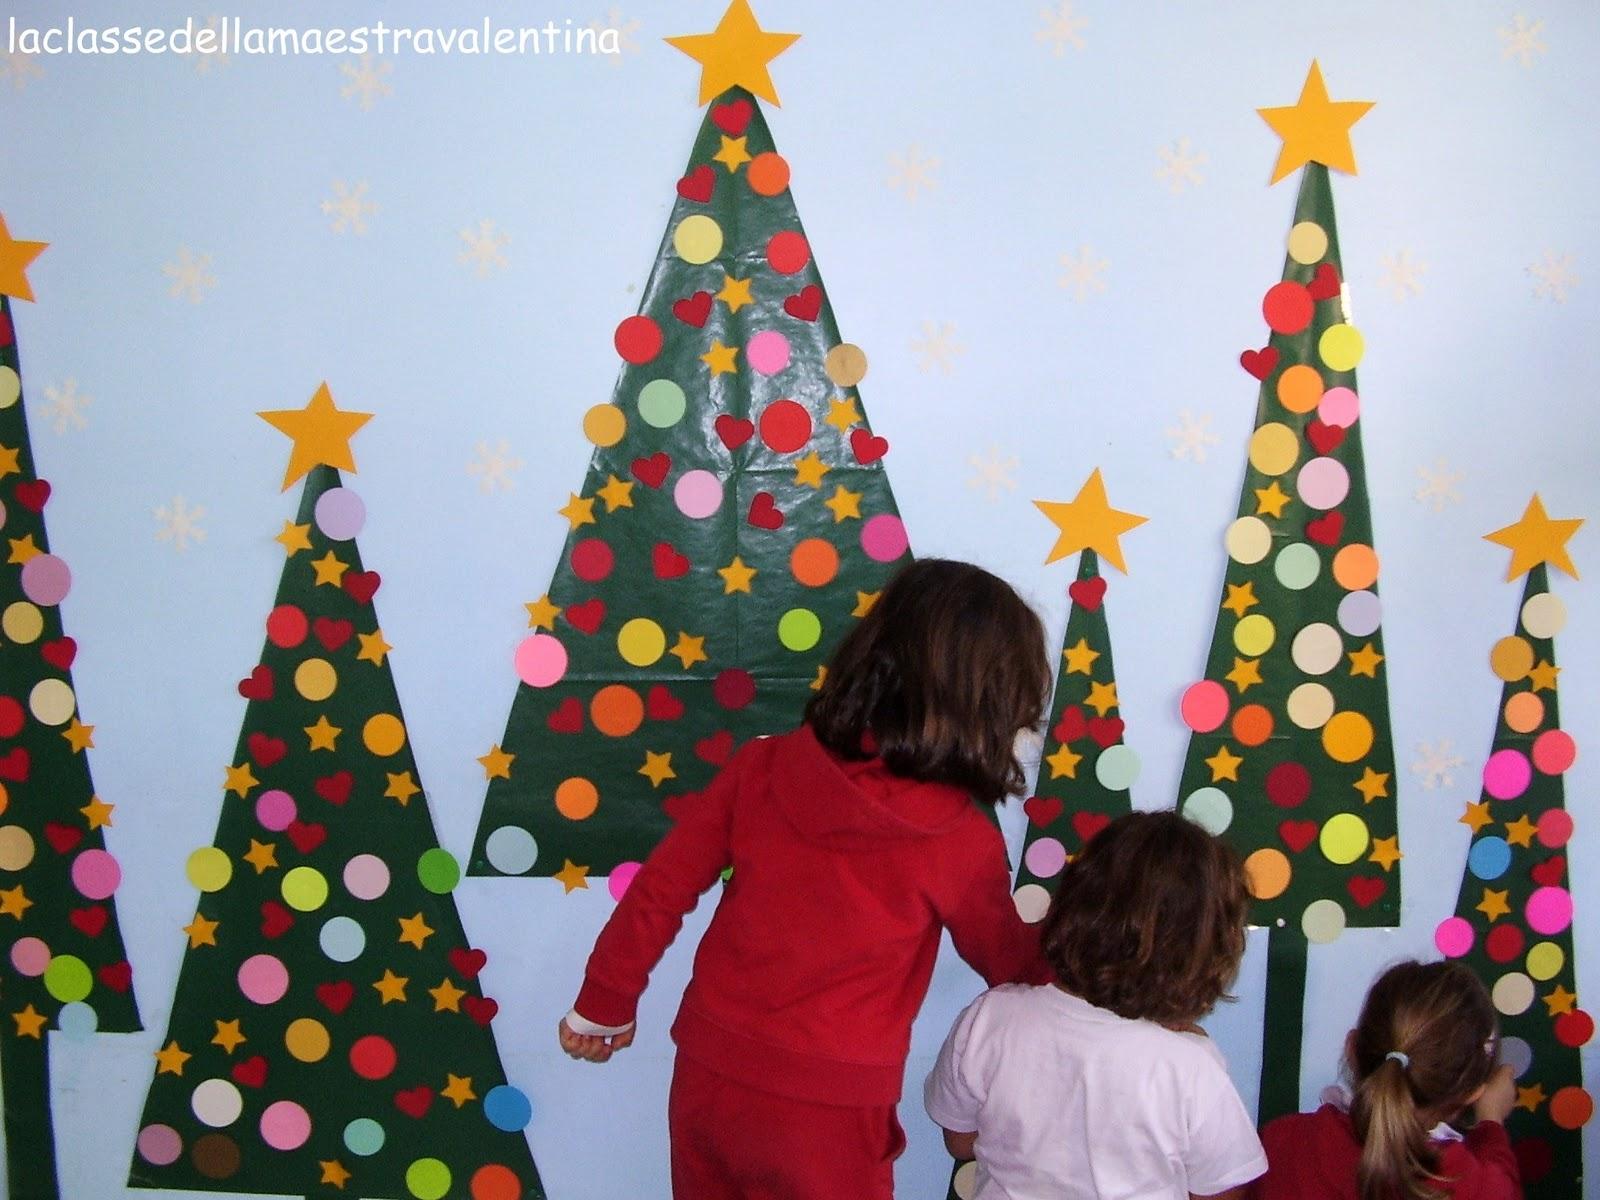 La classe della maestra valentina natale con i bambini for Addobbi per la classe natale